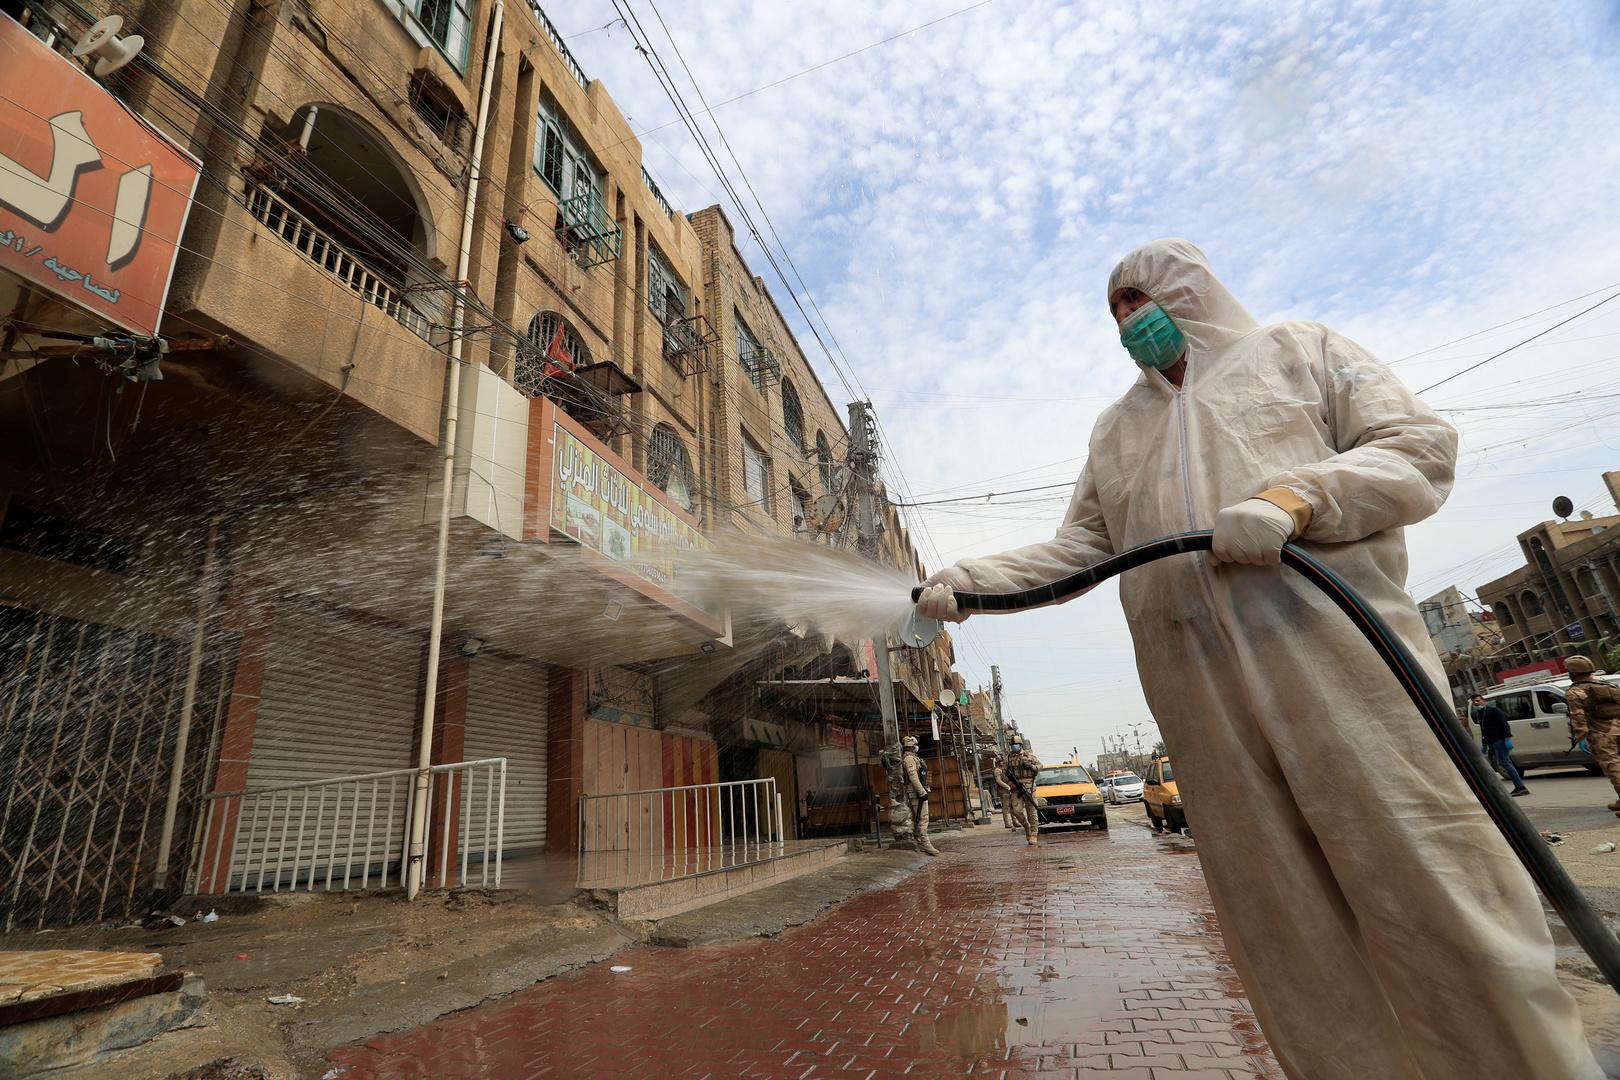 العراق يسجل 48 إصابة جديدة بفيروس كورونا من دون وفيات